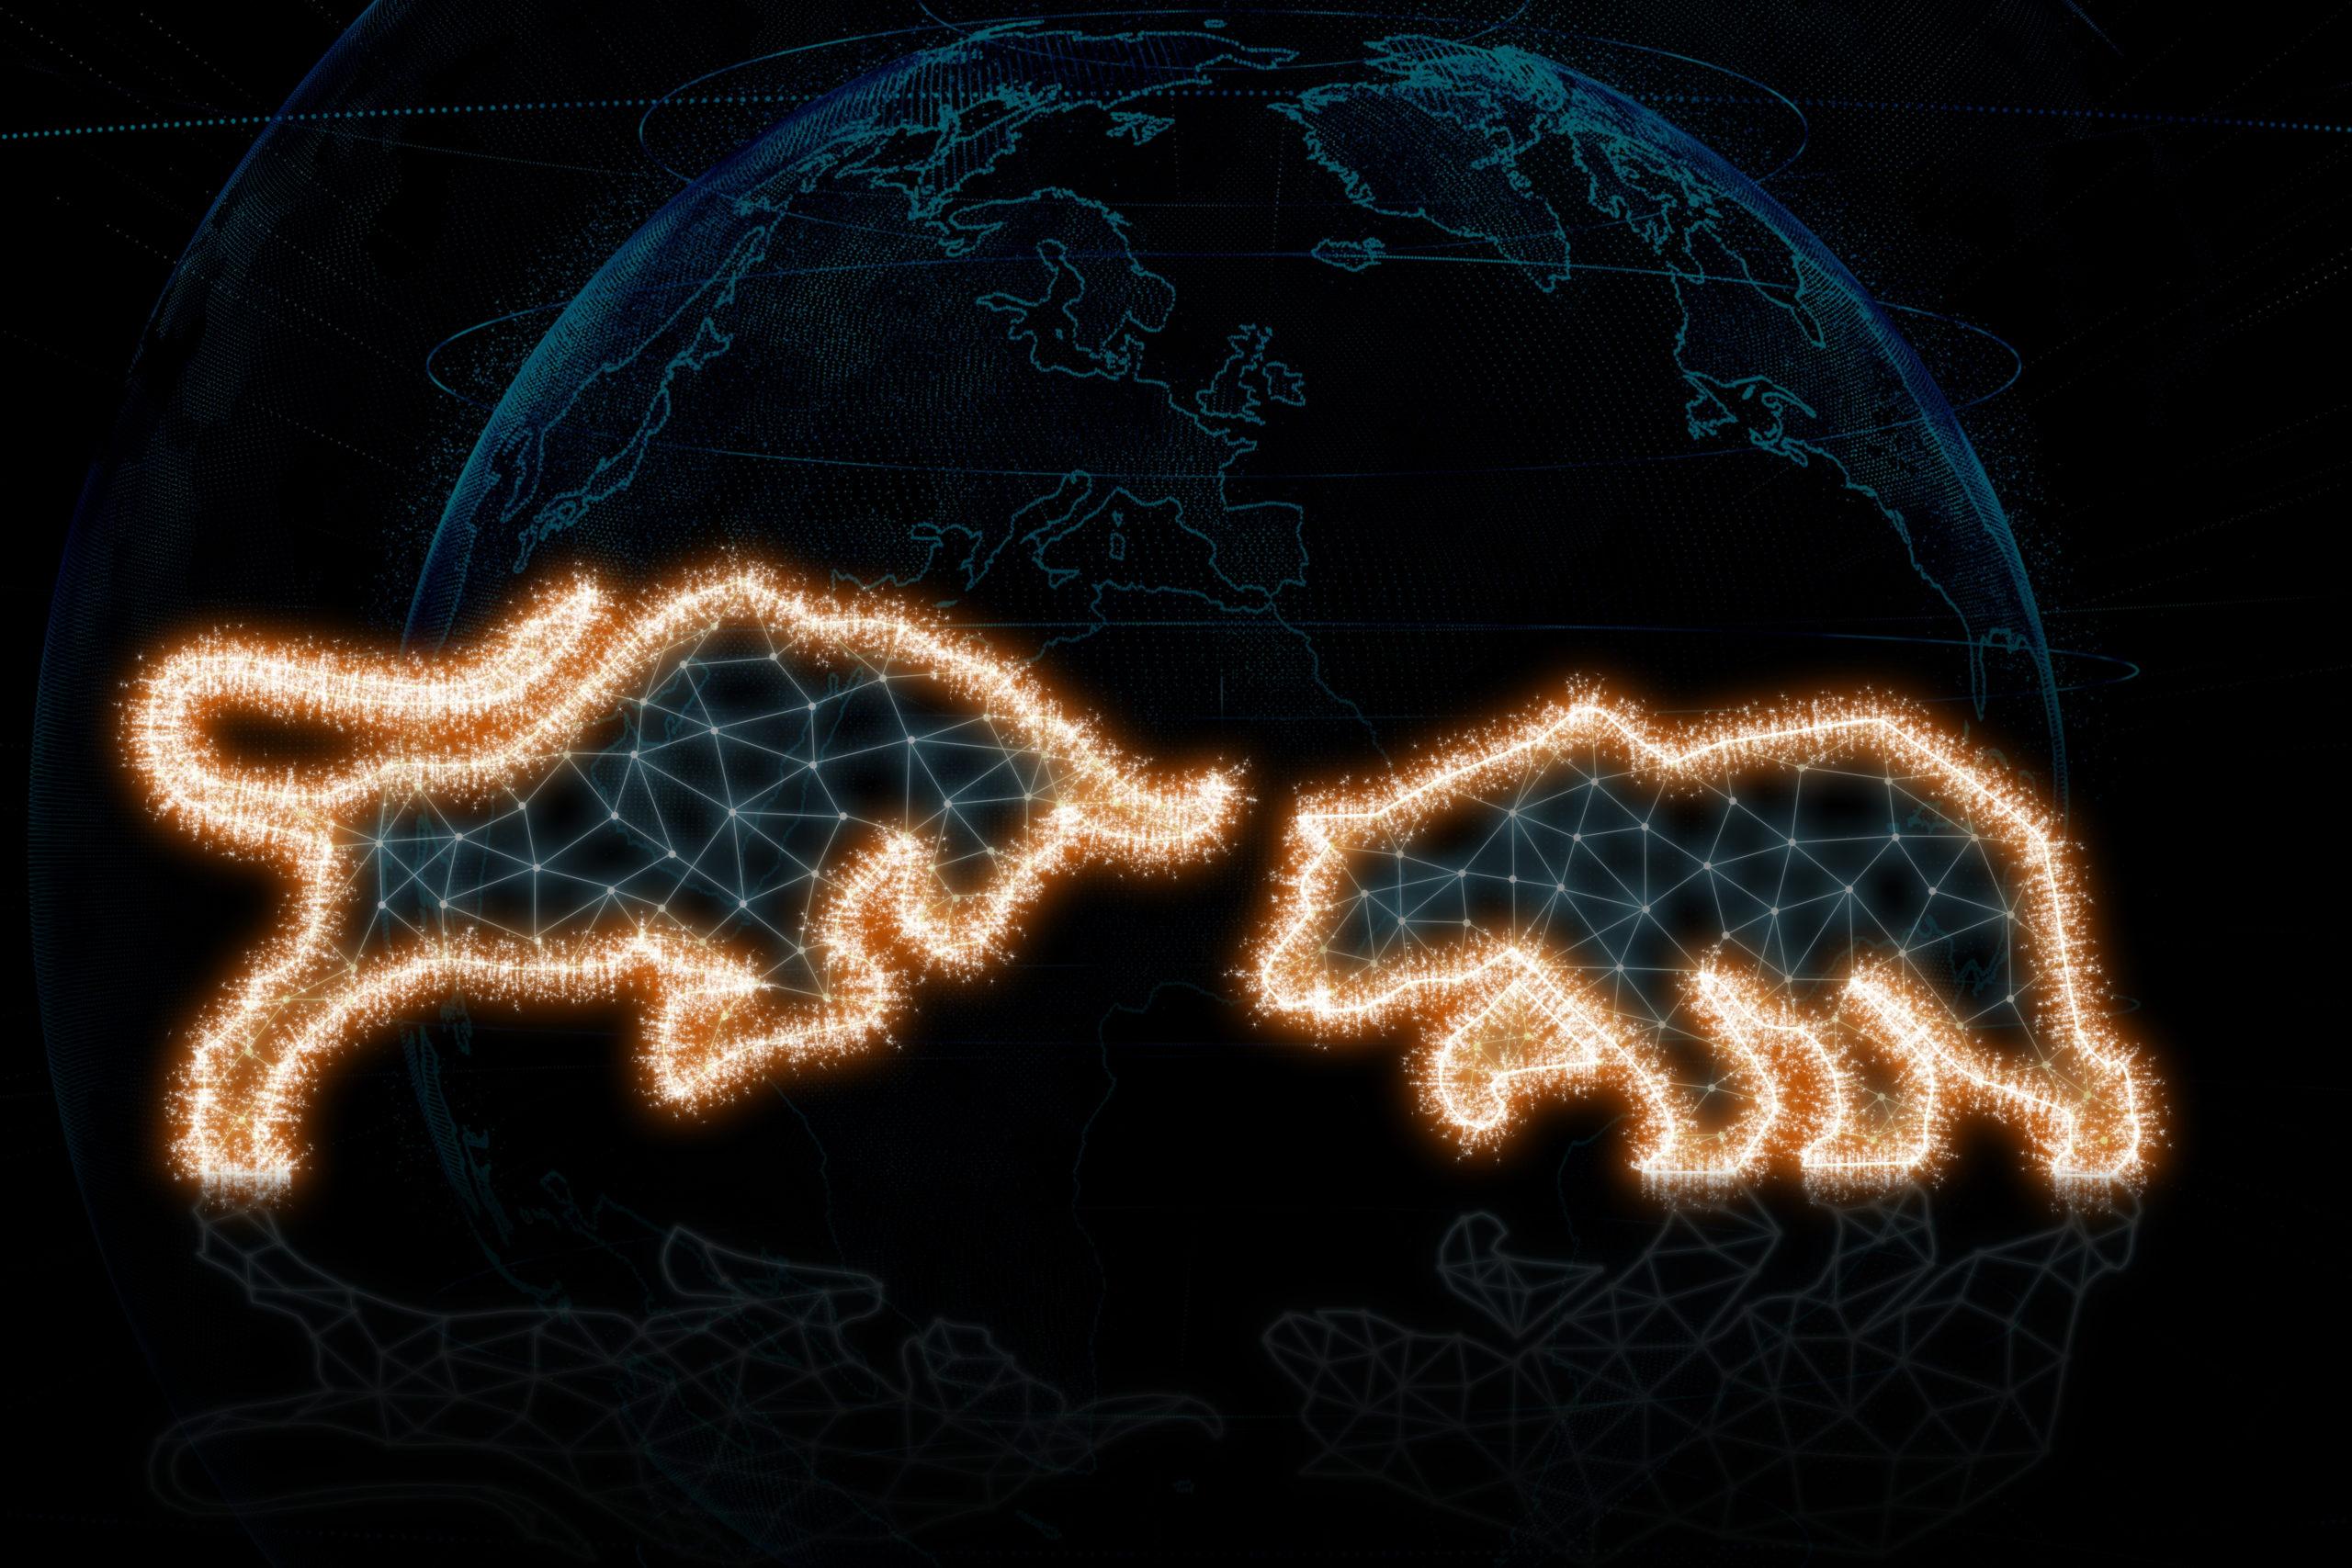 bitcoin kripto para ve finans dünyasının hayvan terimleri